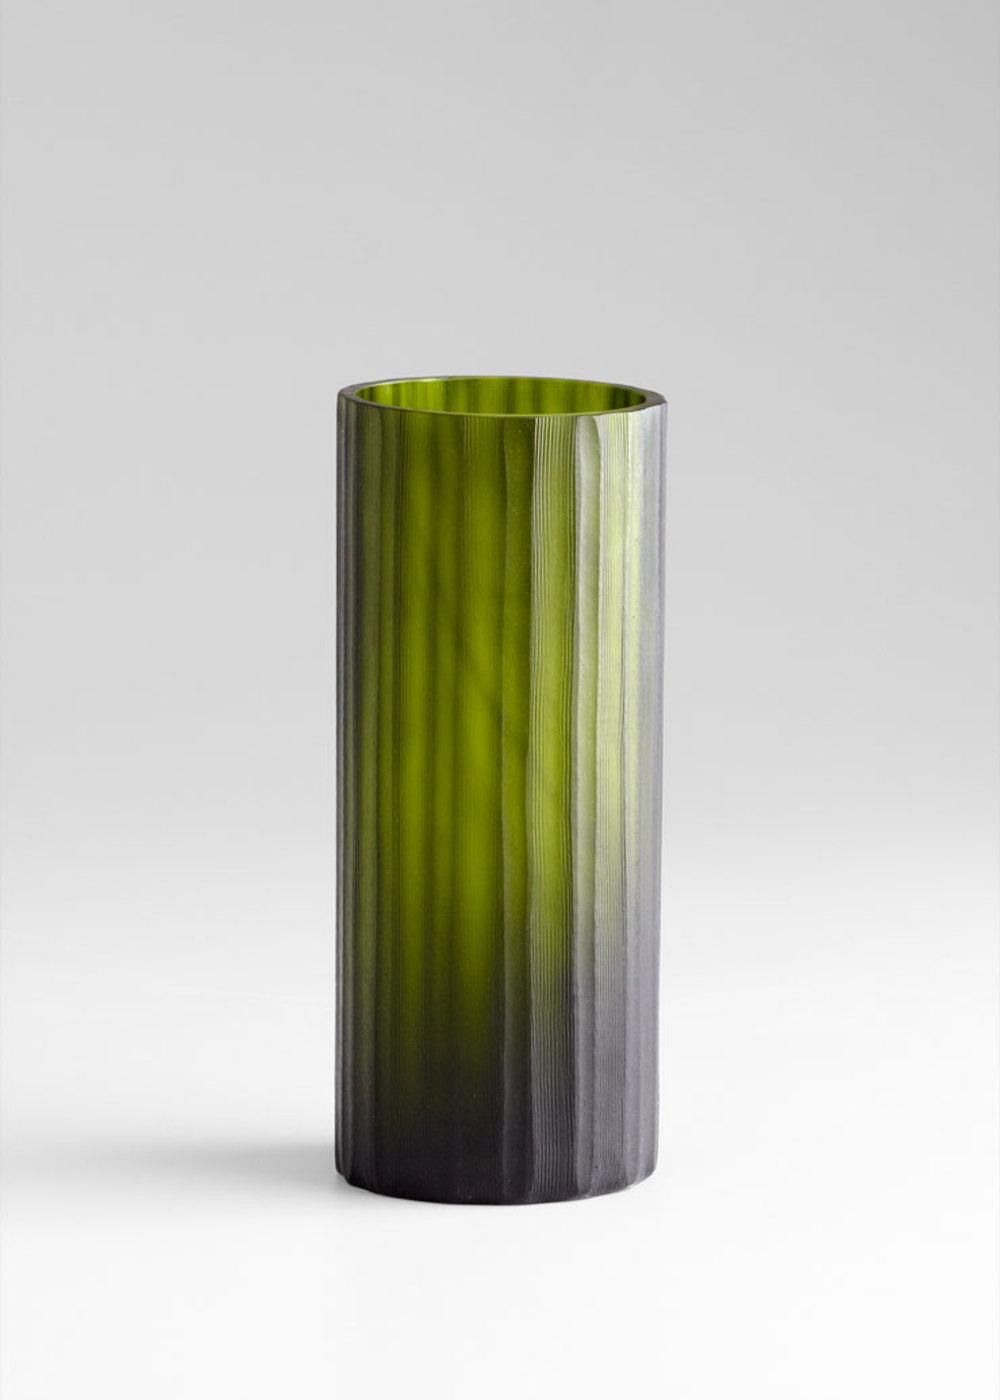 Cyan Designs - Small Cee Lo Vase